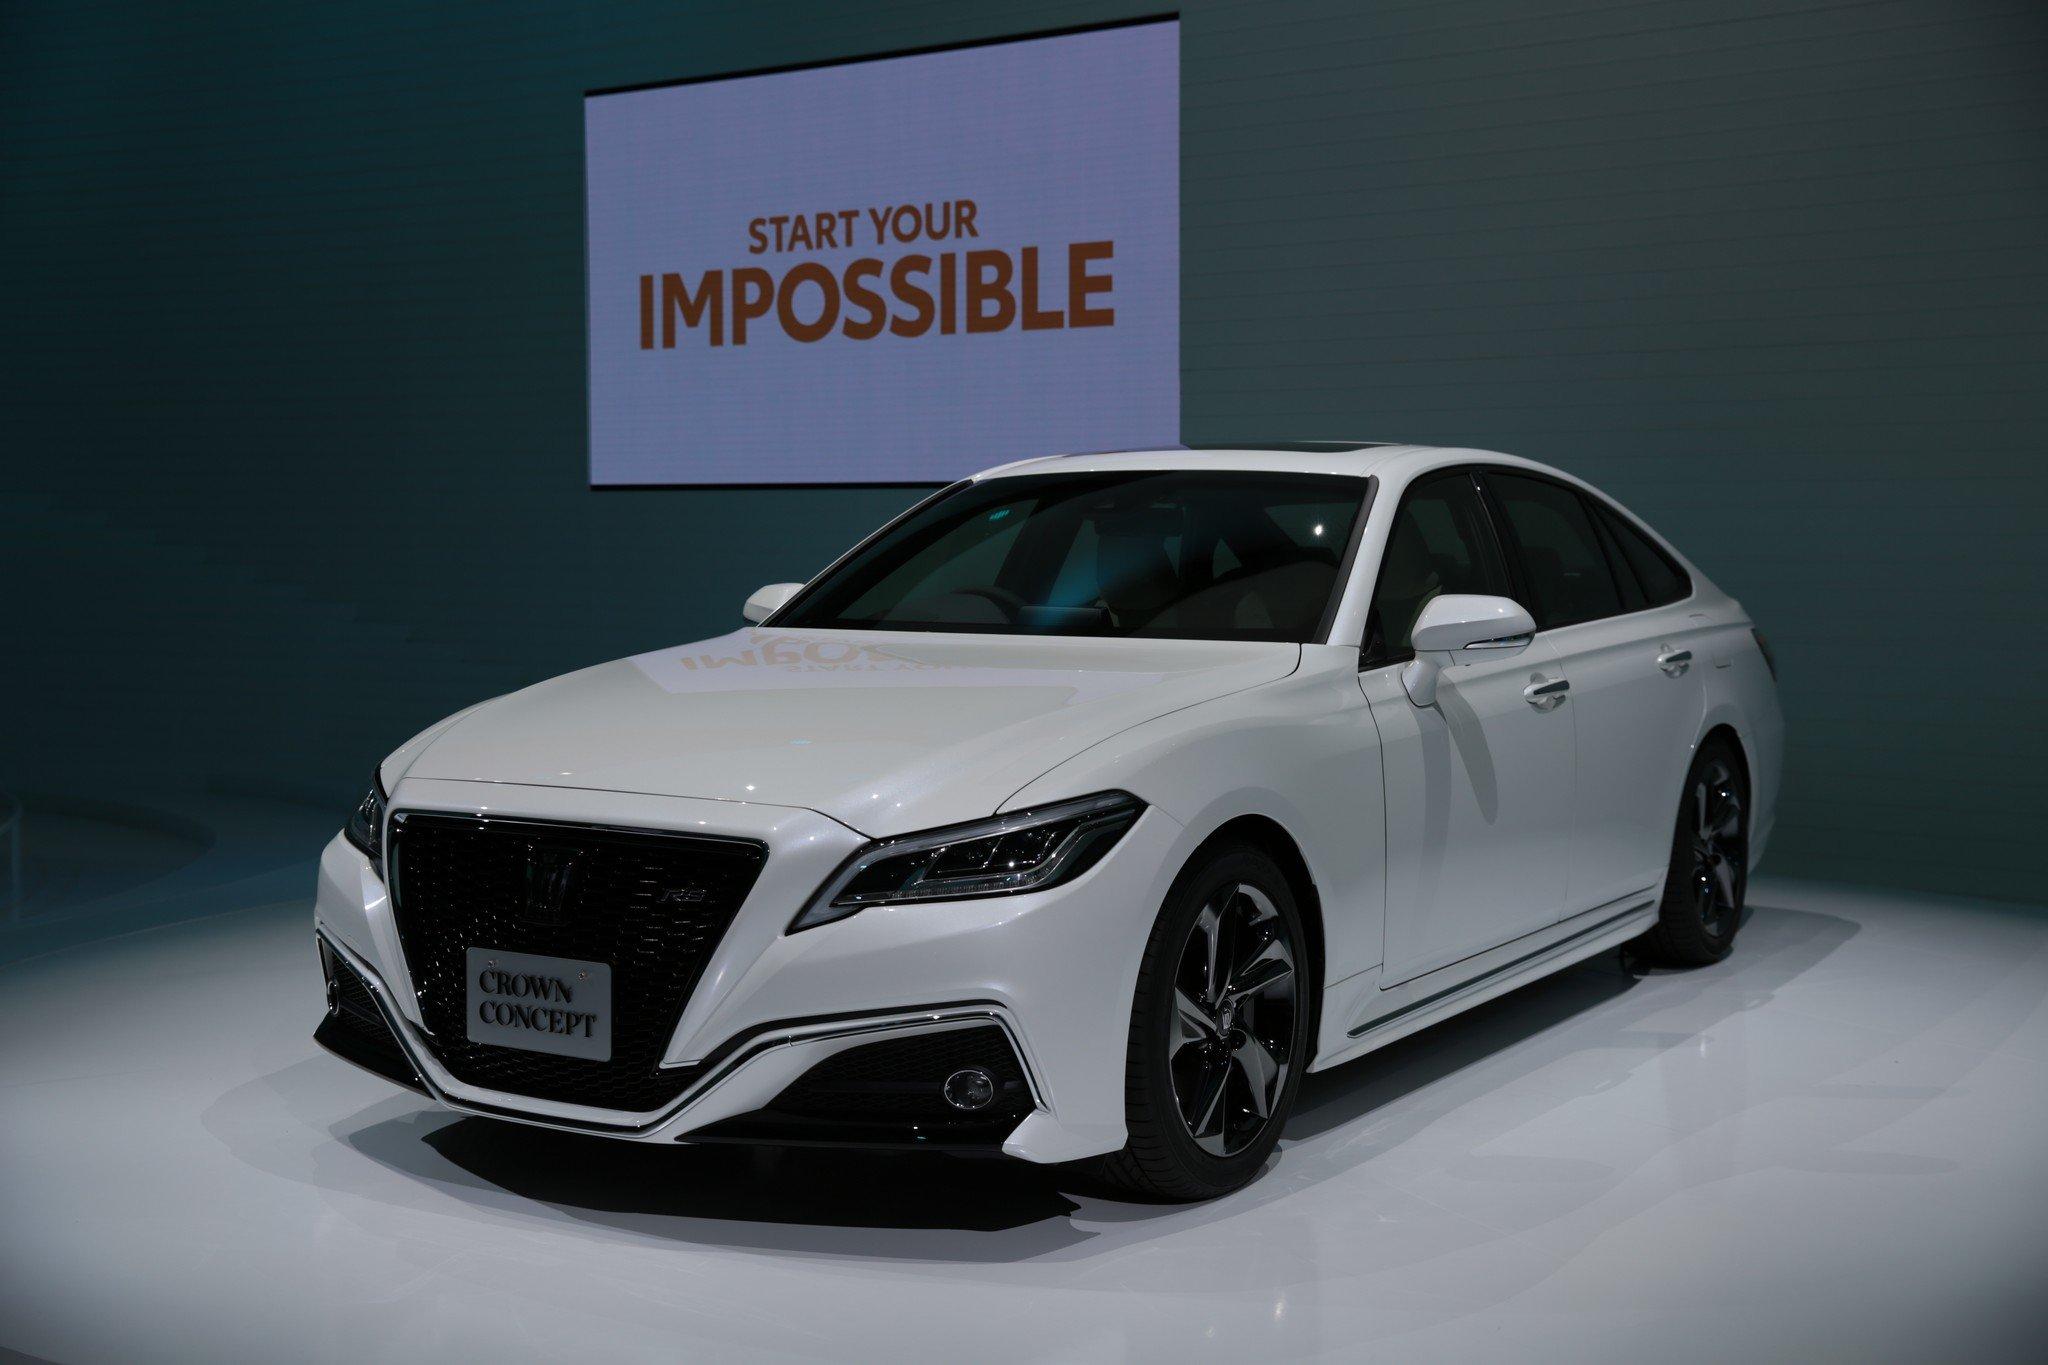 Состоялась премьера седана Toyota Crown нового поколения